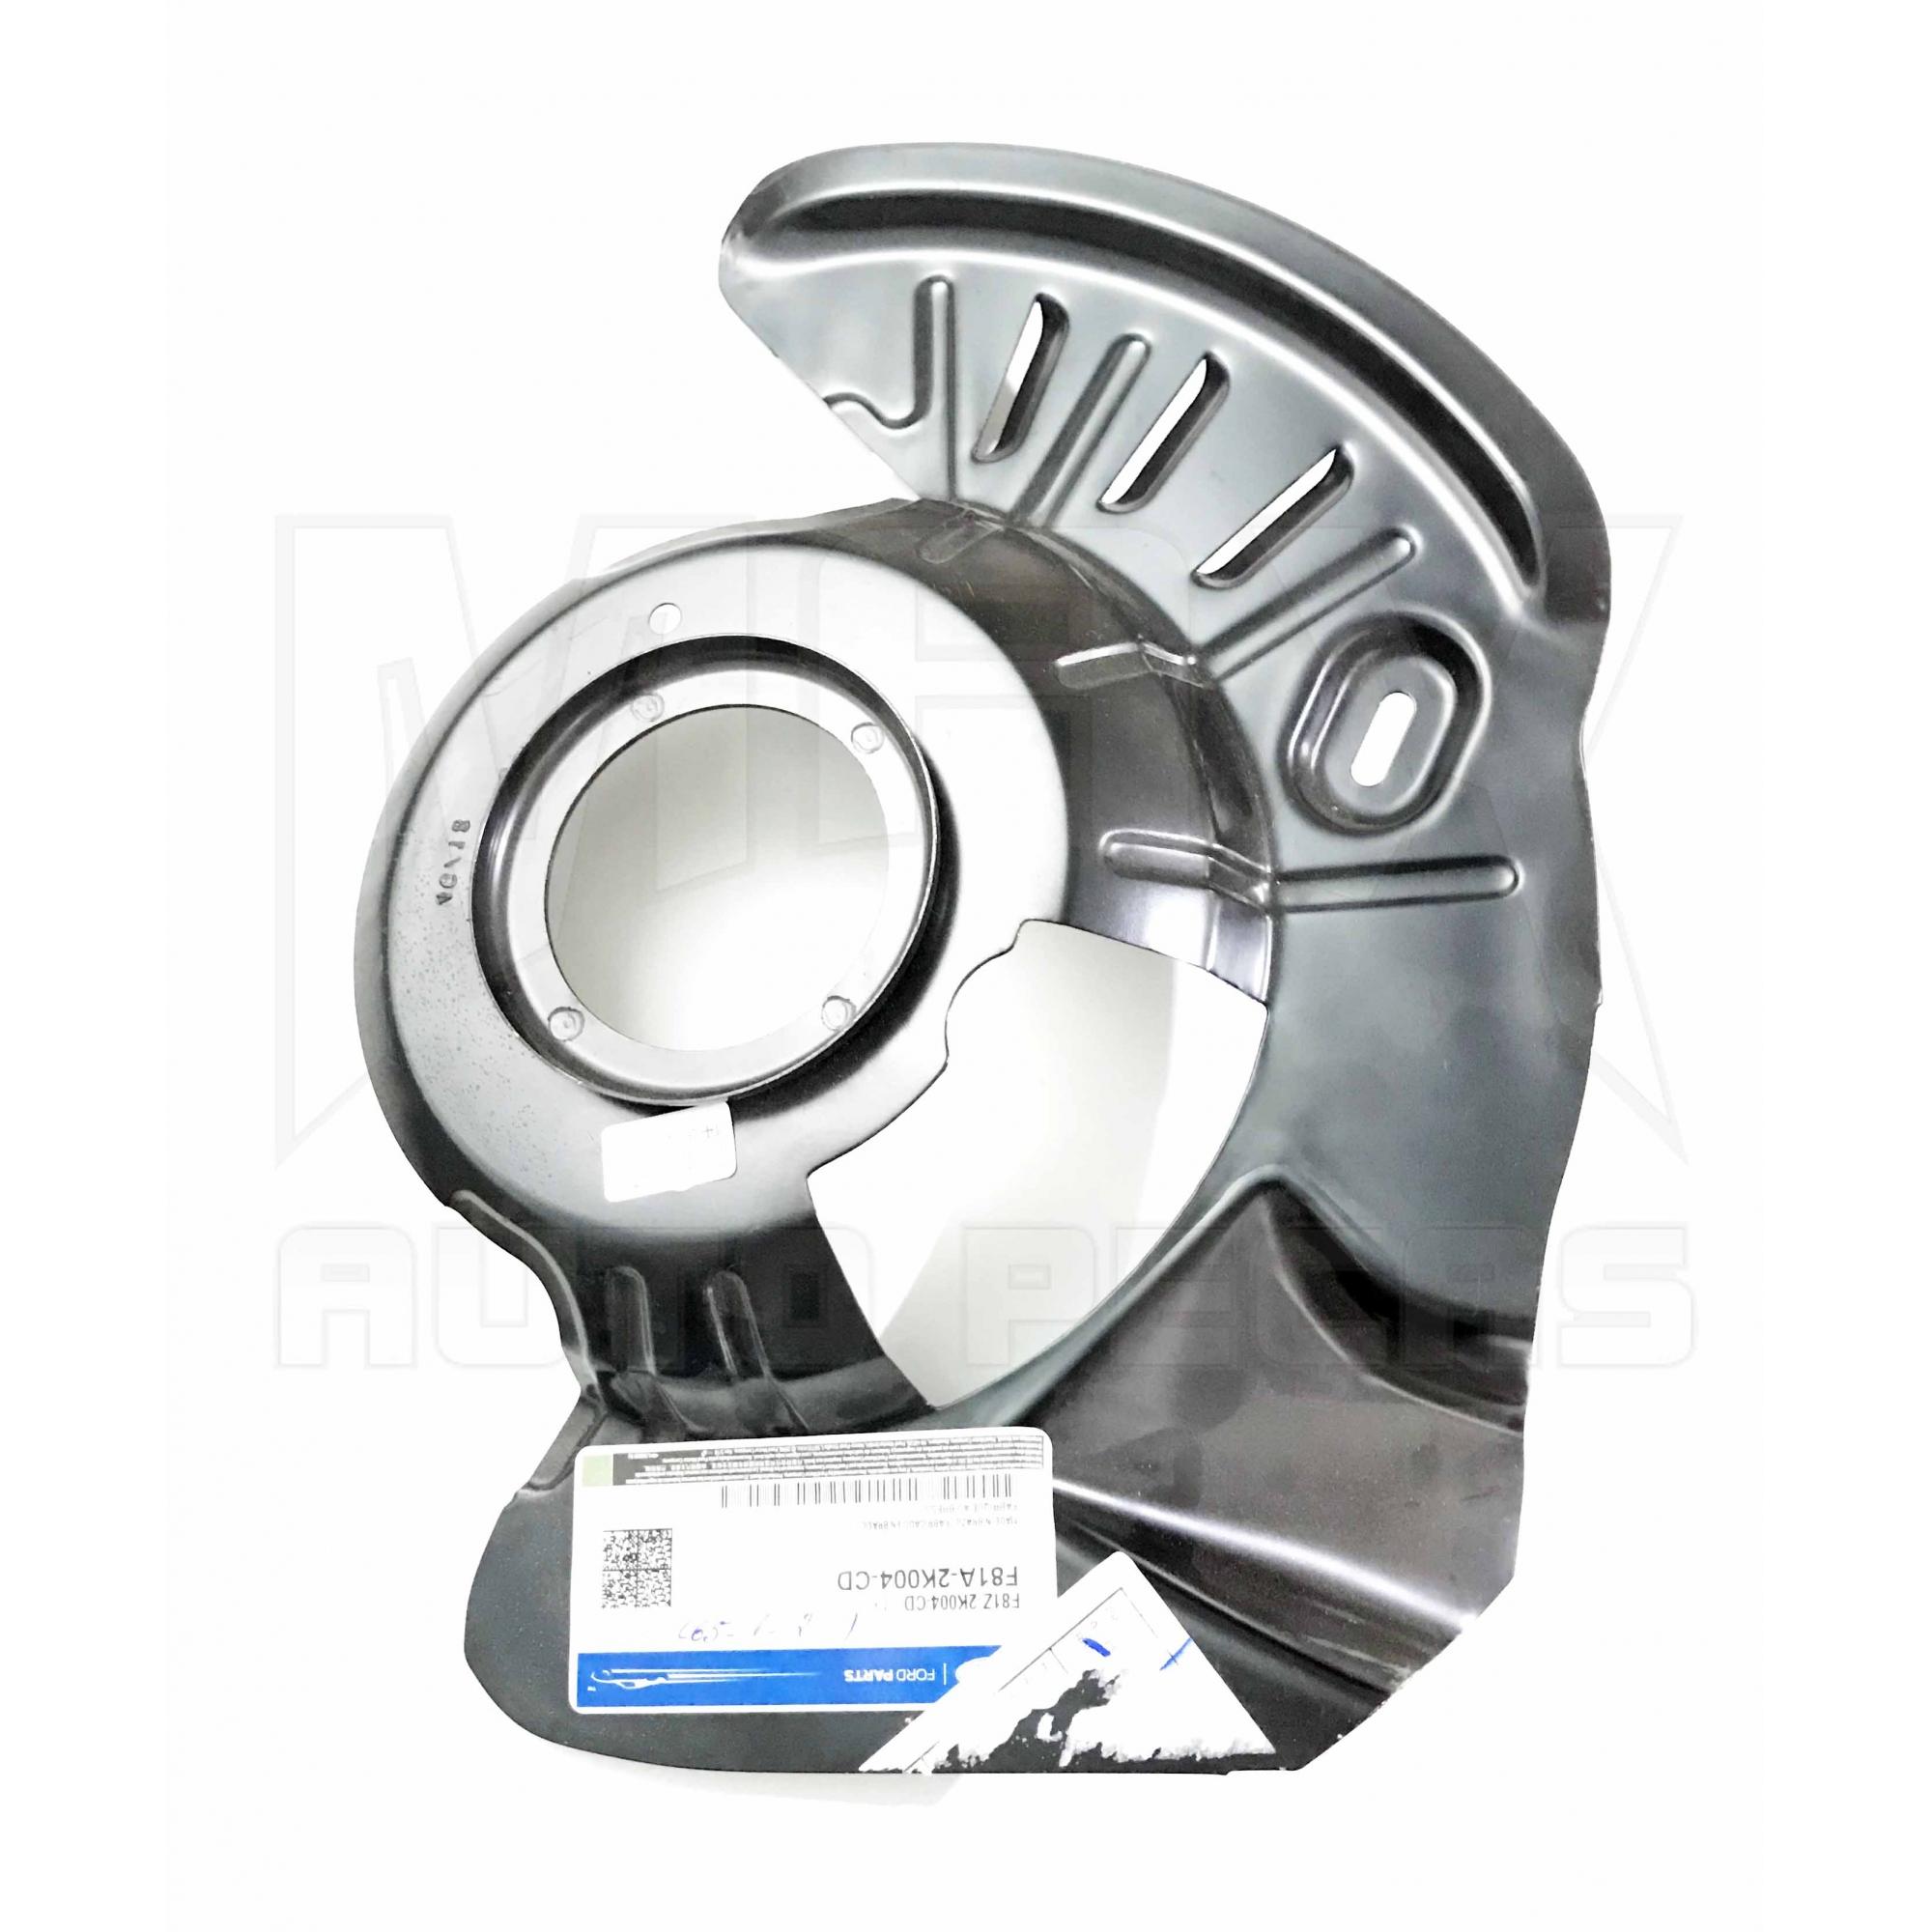 Protetor Direito Disco do Freio Dianteiro F250 4x2 1998 1999 à 2012 Original Ford